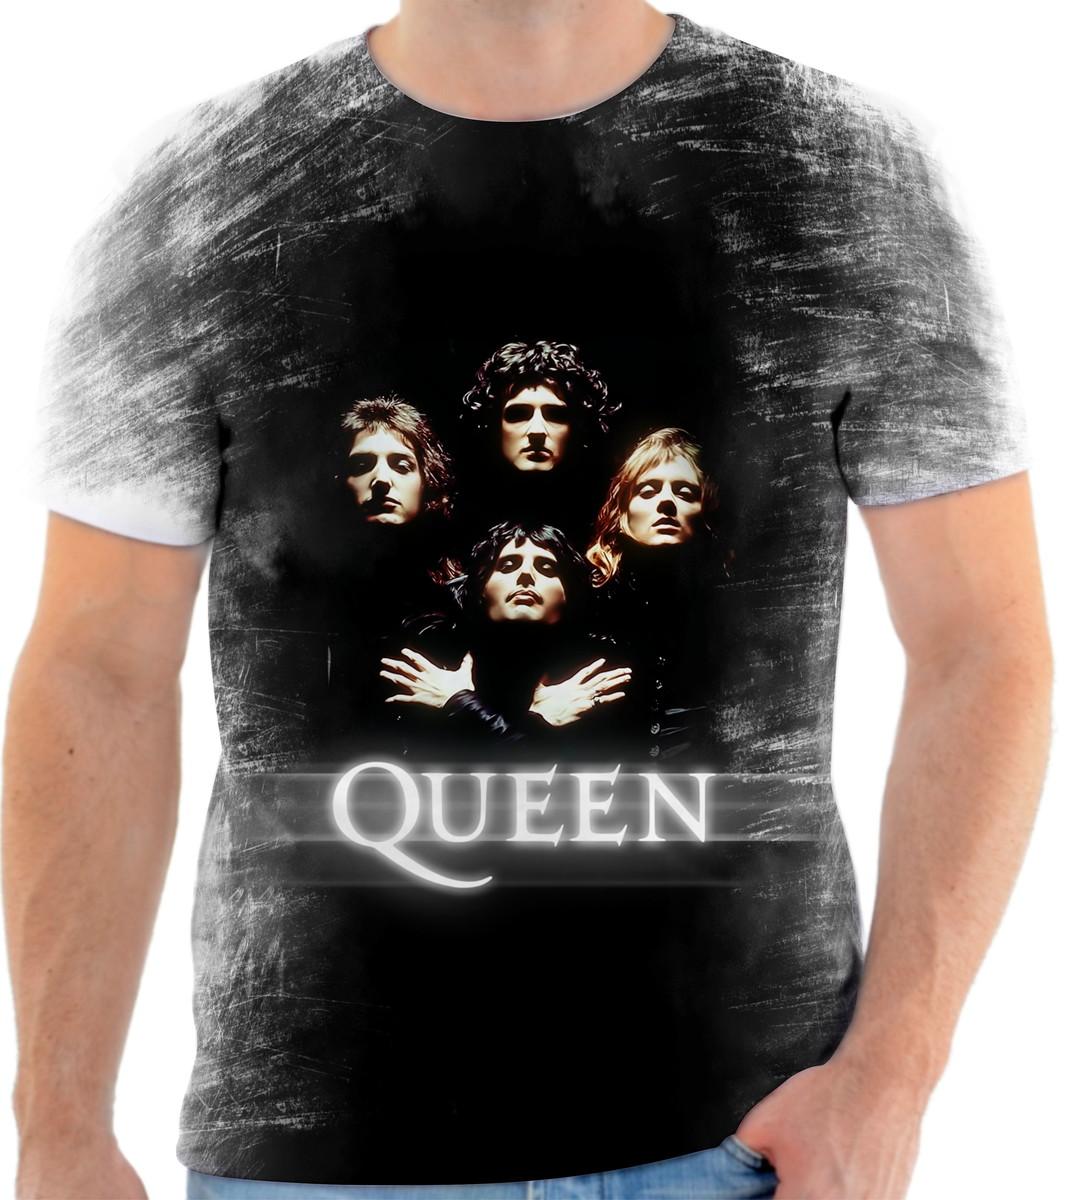 Camisa Camiseta Personalizada Banda De Rock Queen 1 no Elo7  3d1d2bce7314f